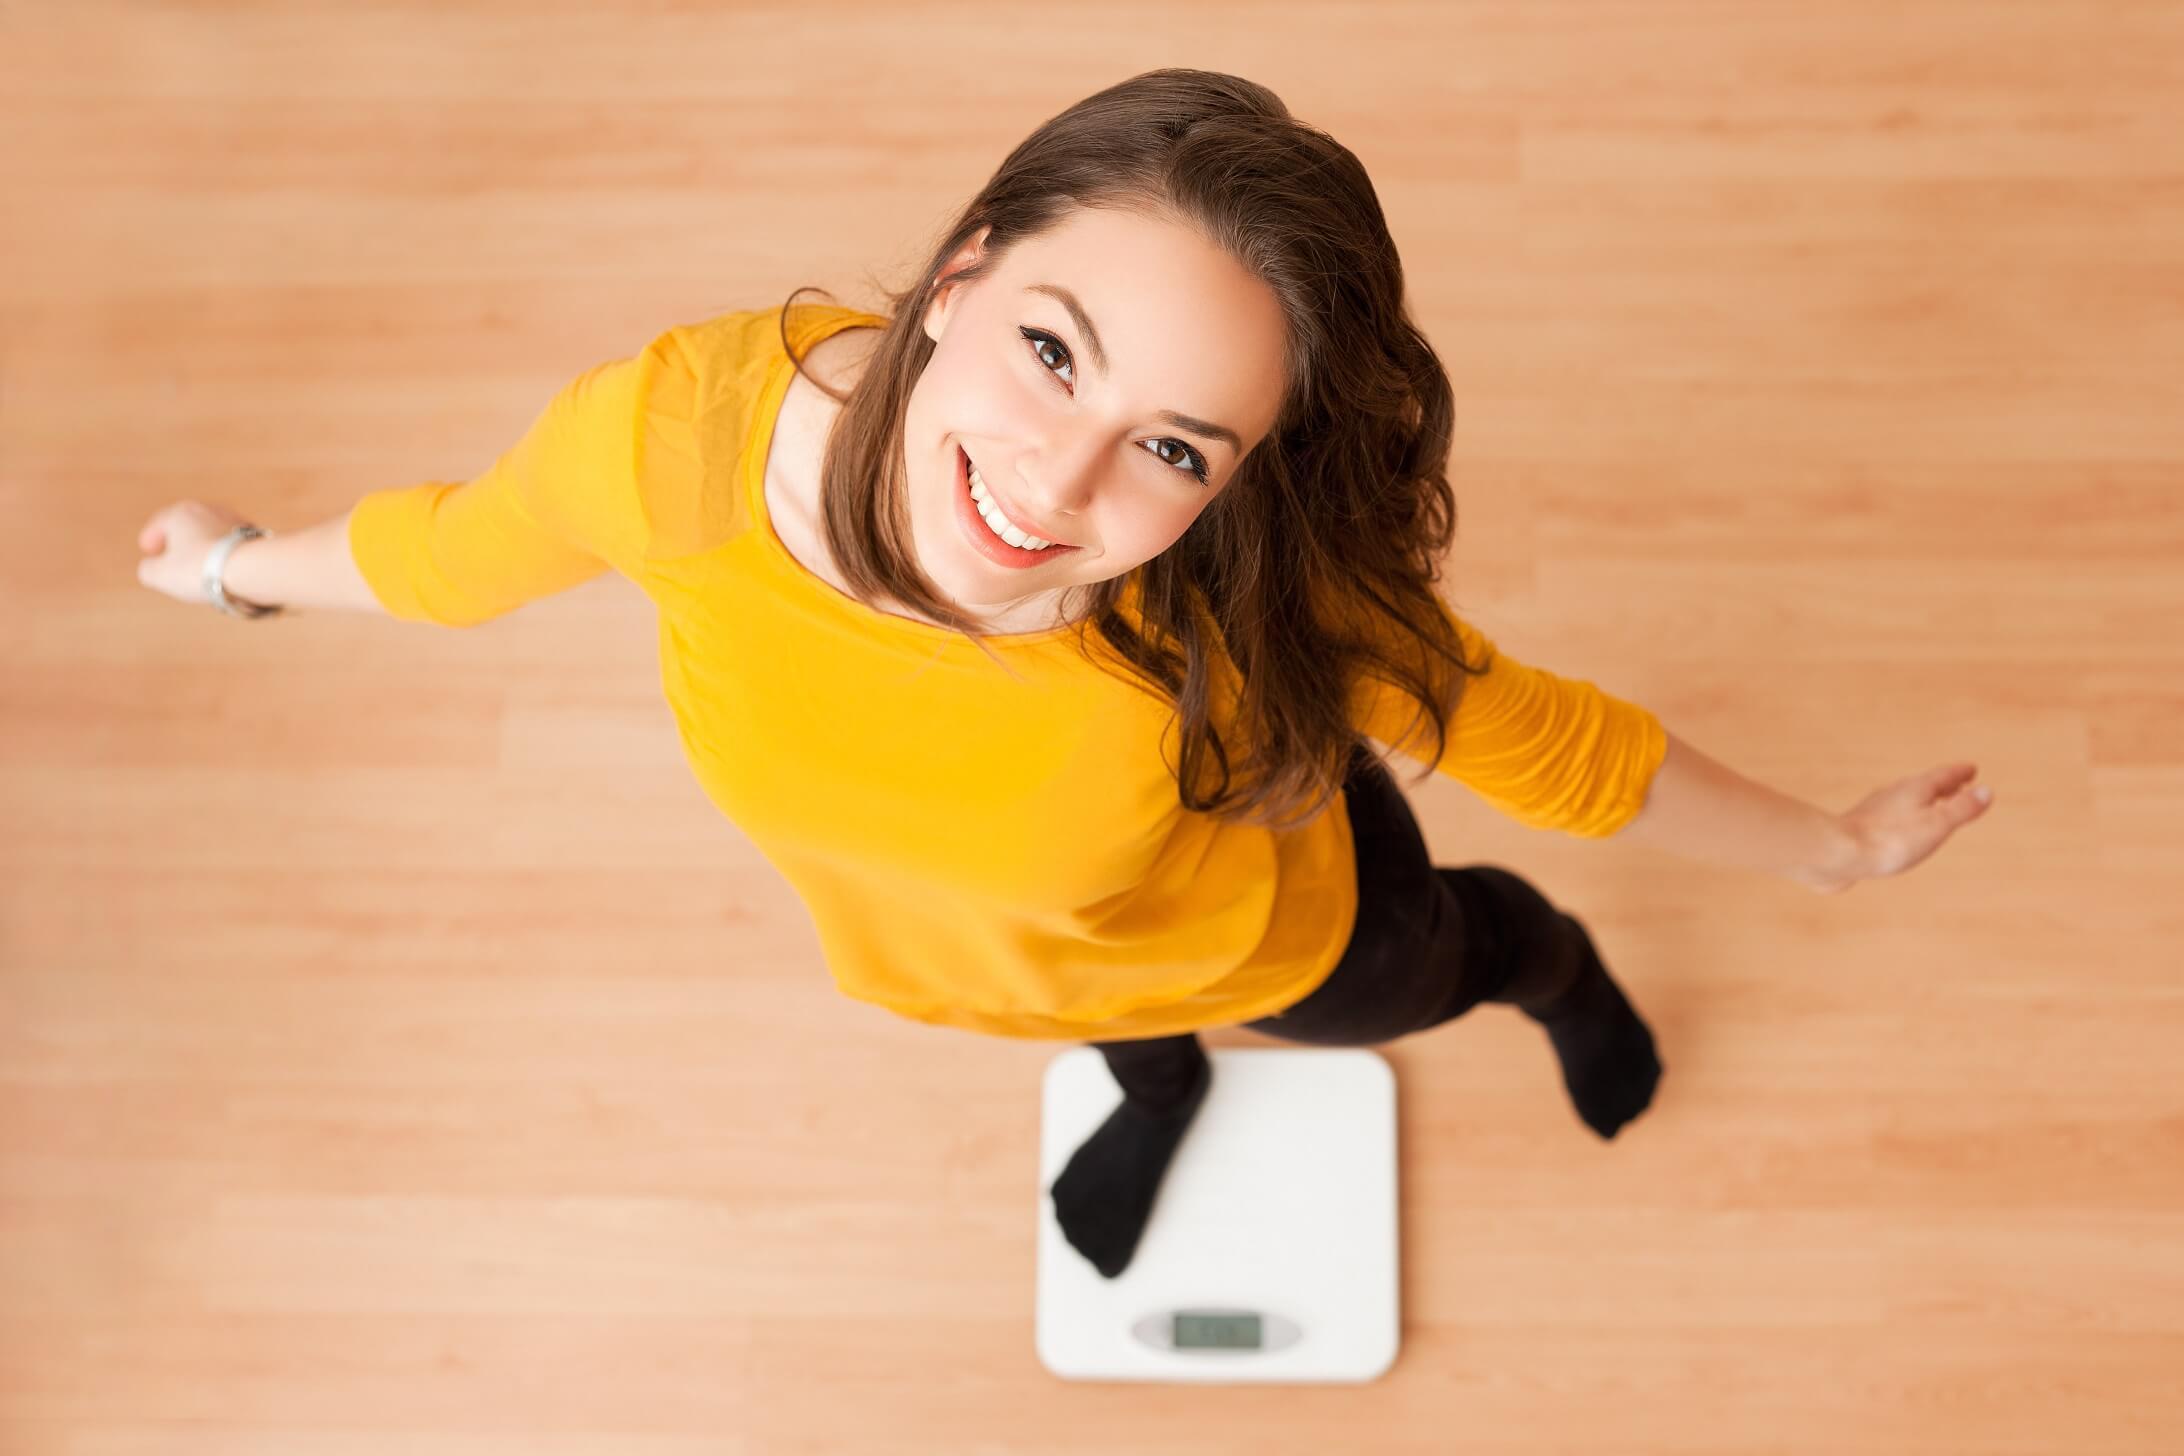 Abnehmen ohne Diät Frau ist glücklich über Erfolg auf Waage